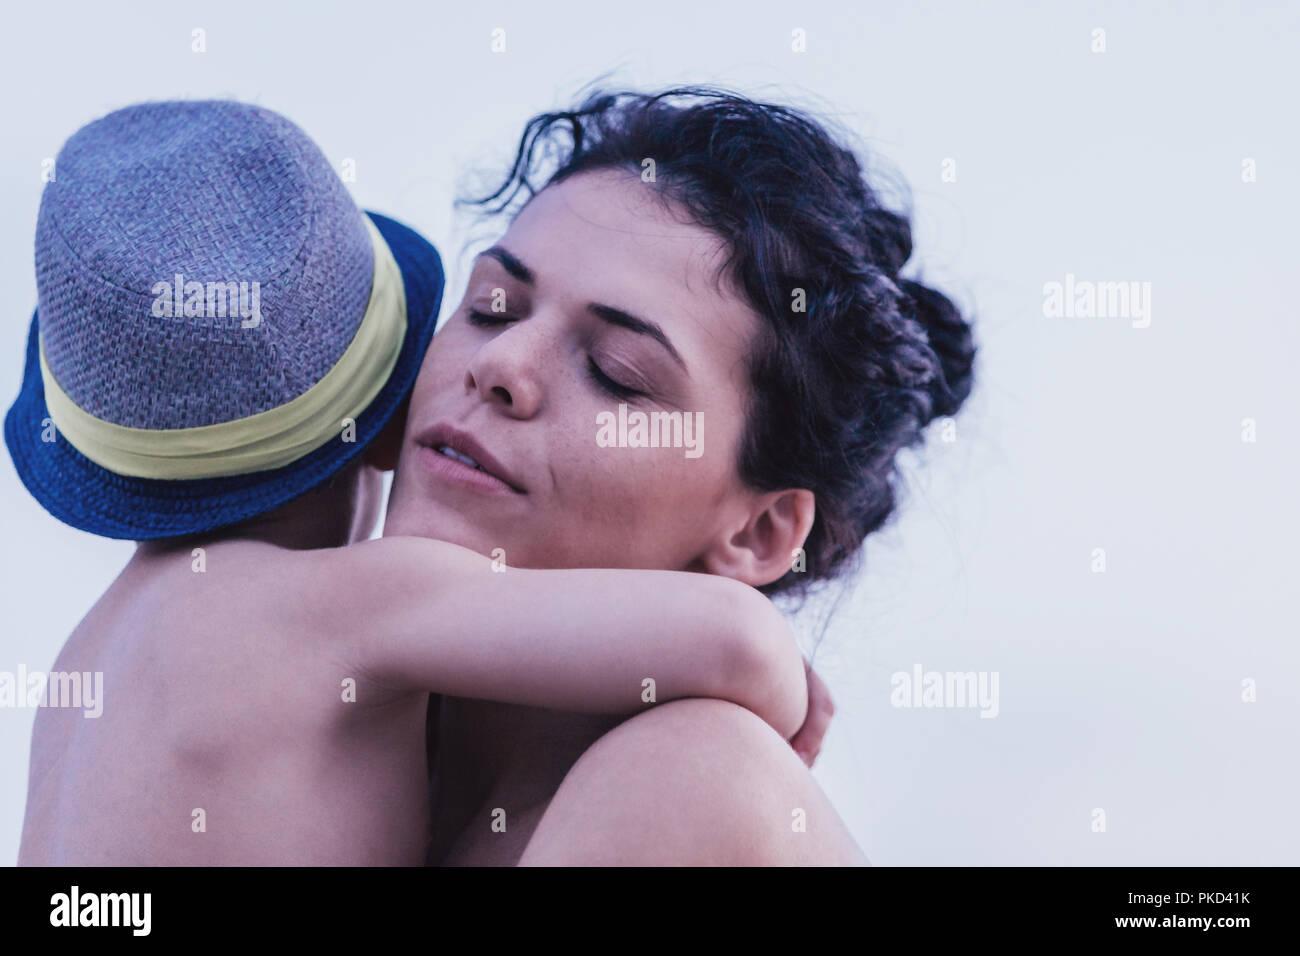 Glückliche Mutter mit ihrem Sohn genießen Sie die schönen sonnigen Tag am Strand. Die Mutter ihren Sohn umarmen. Positiver menschlicher Emotionen, Gefühle, Freude. Glückliche Familie Stockbild